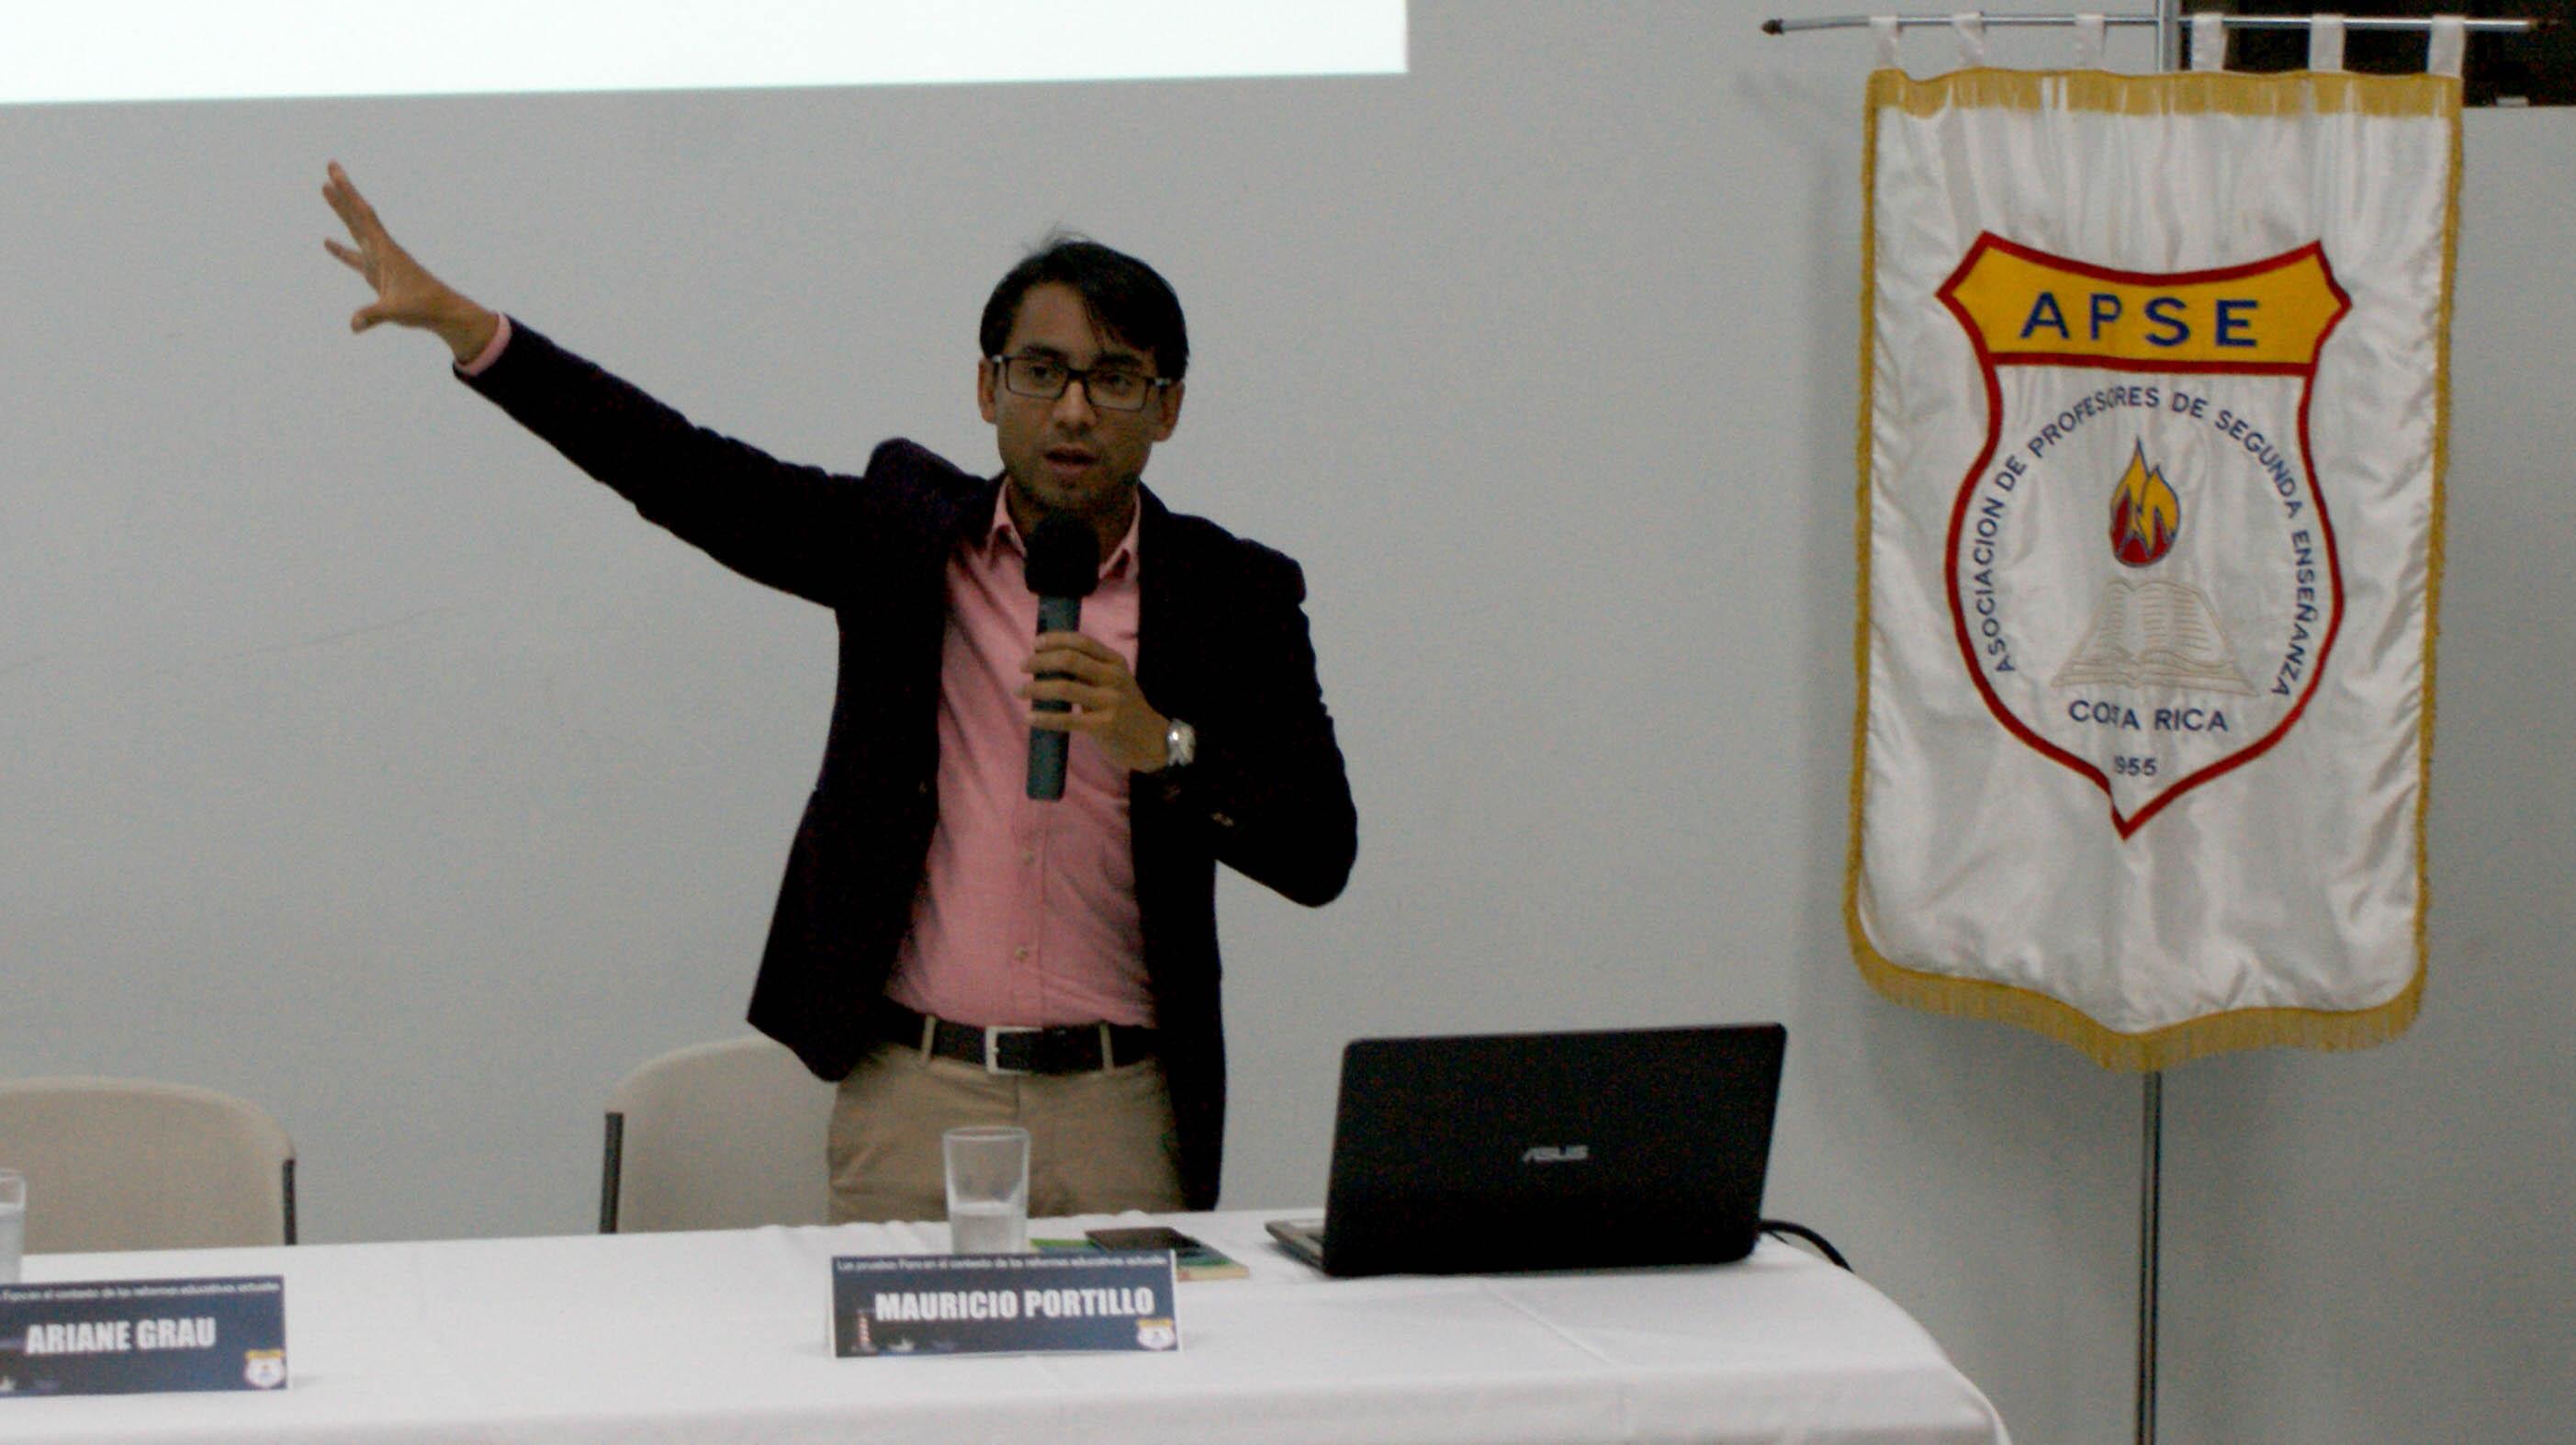 APSE REALIZÓ FORO SOBRE PRUEBAS DE EVALUACIÓN «FARO» EN EL MARCO DE LAS REFORMAS EDUCATIVAS